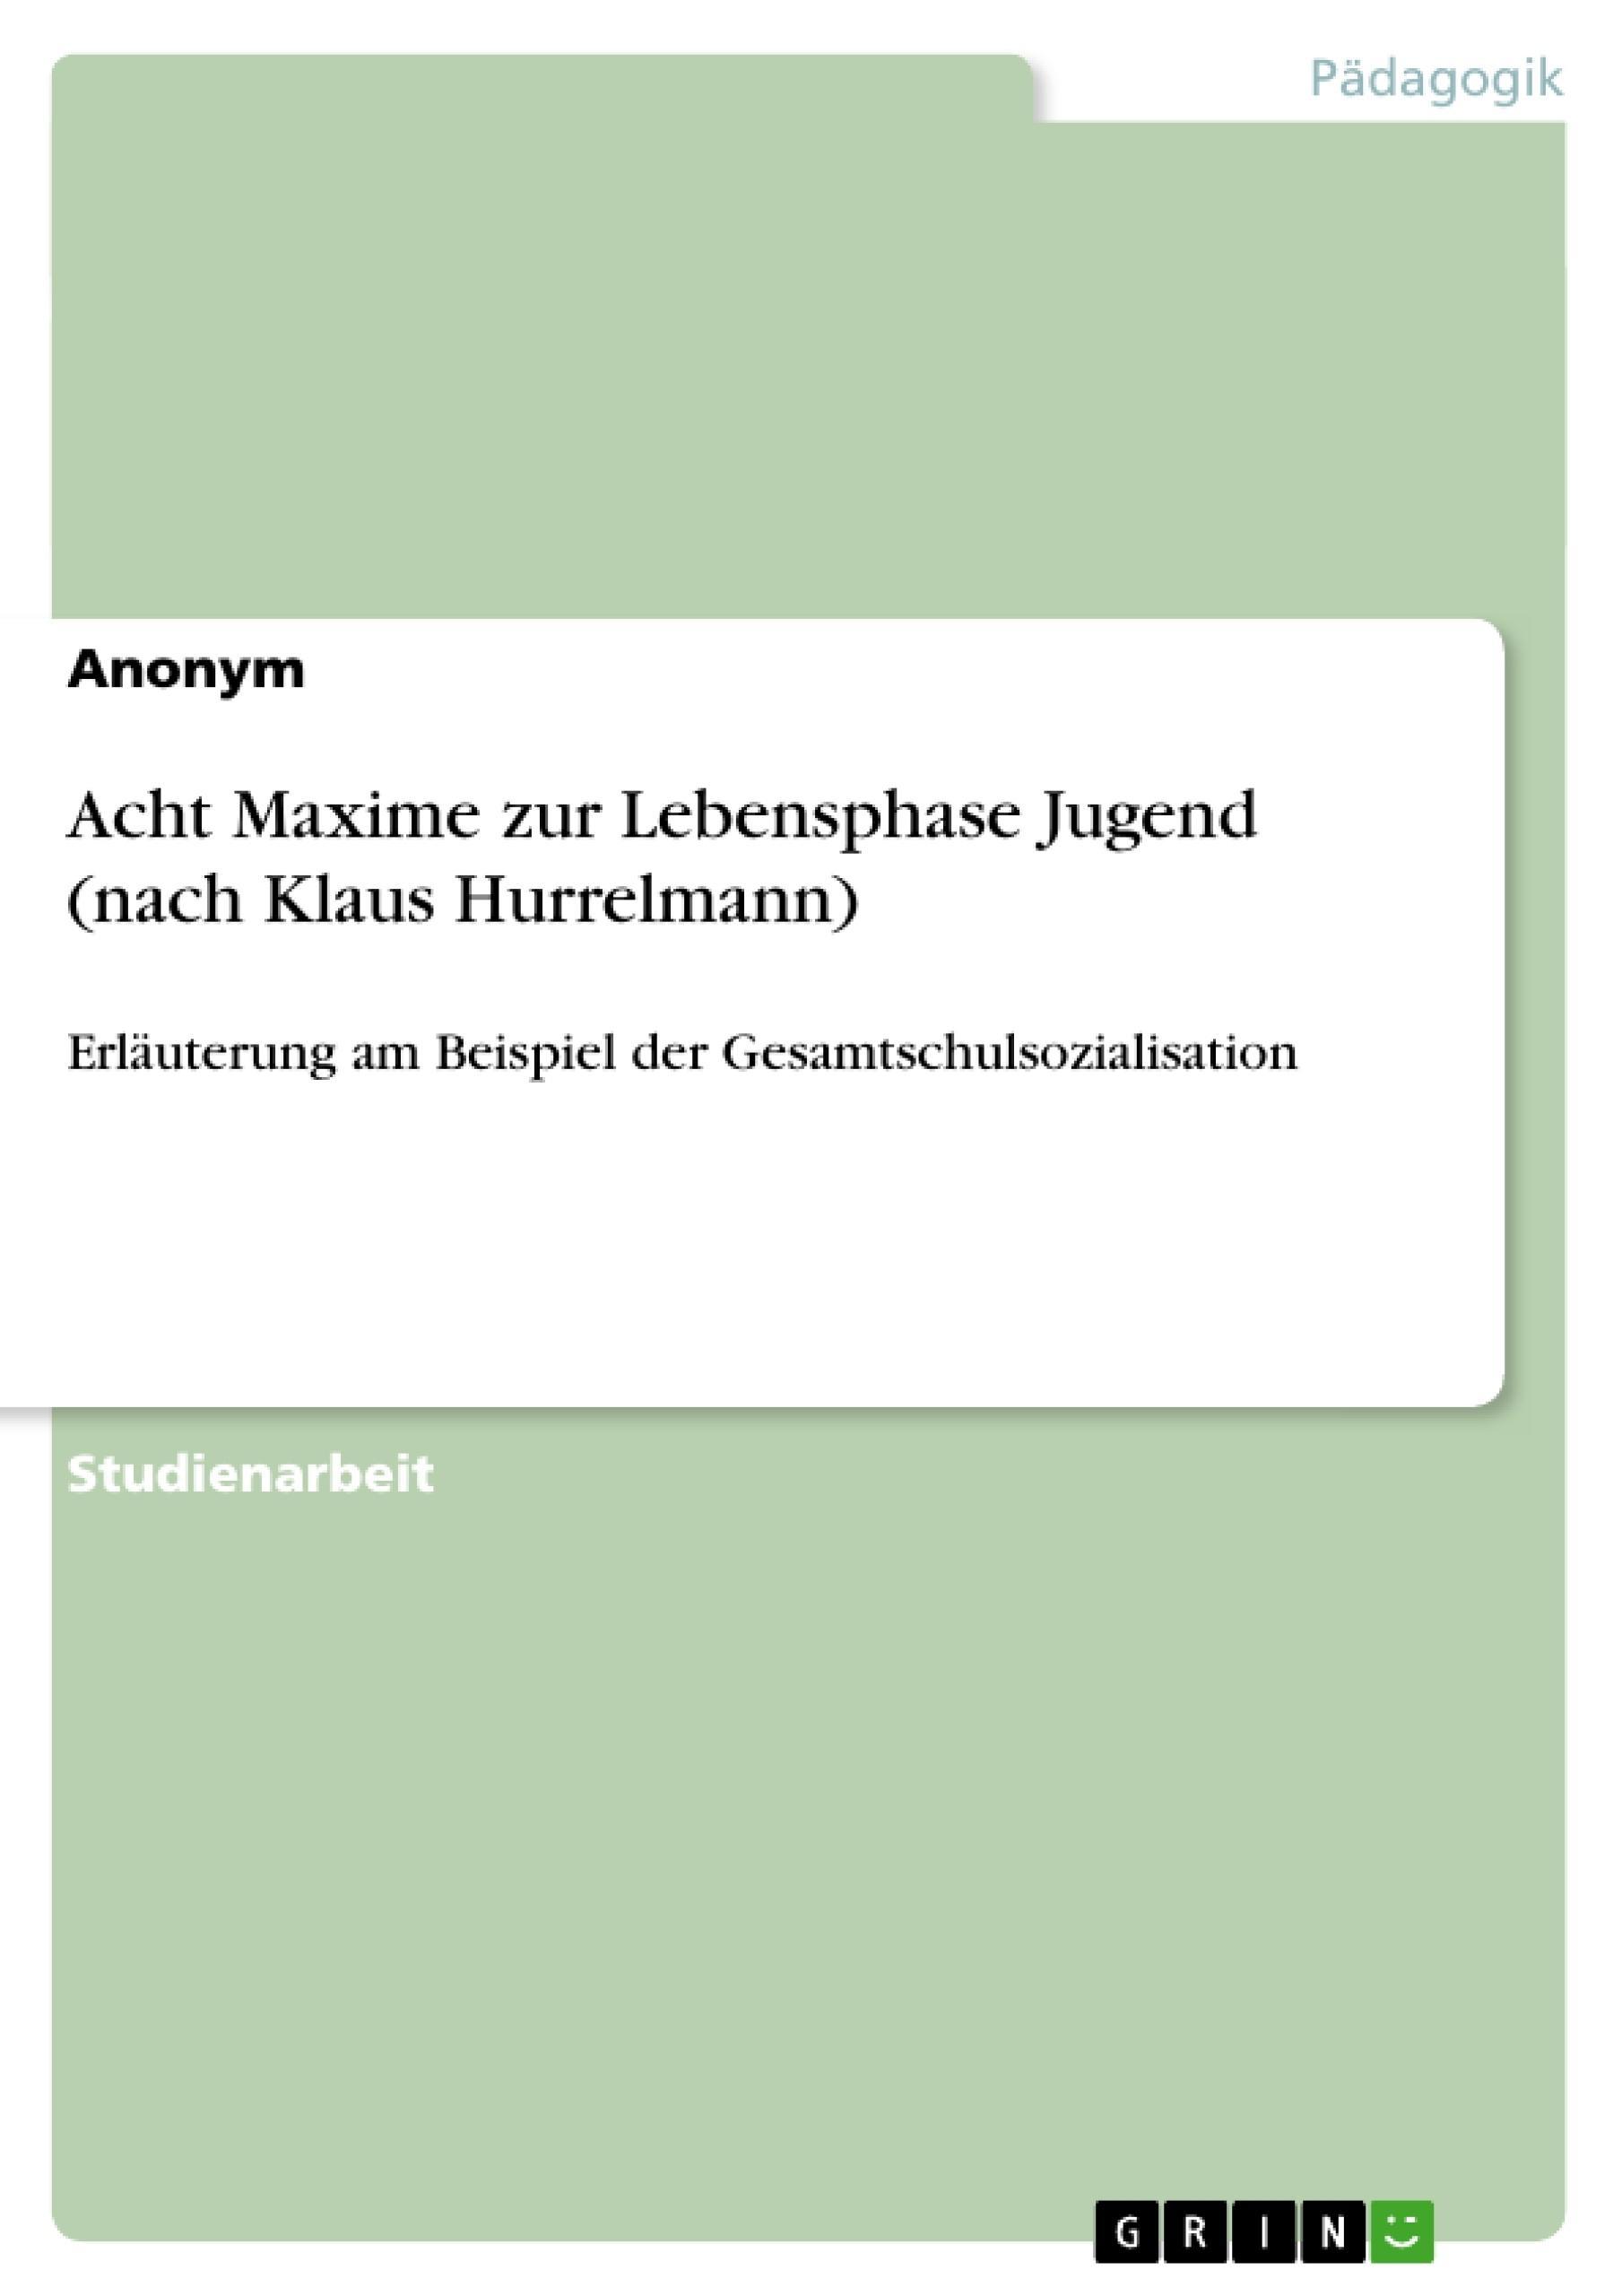 Titel: Acht Maxime zur Lebensphase Jugend (nach Klaus Hurrelmann)